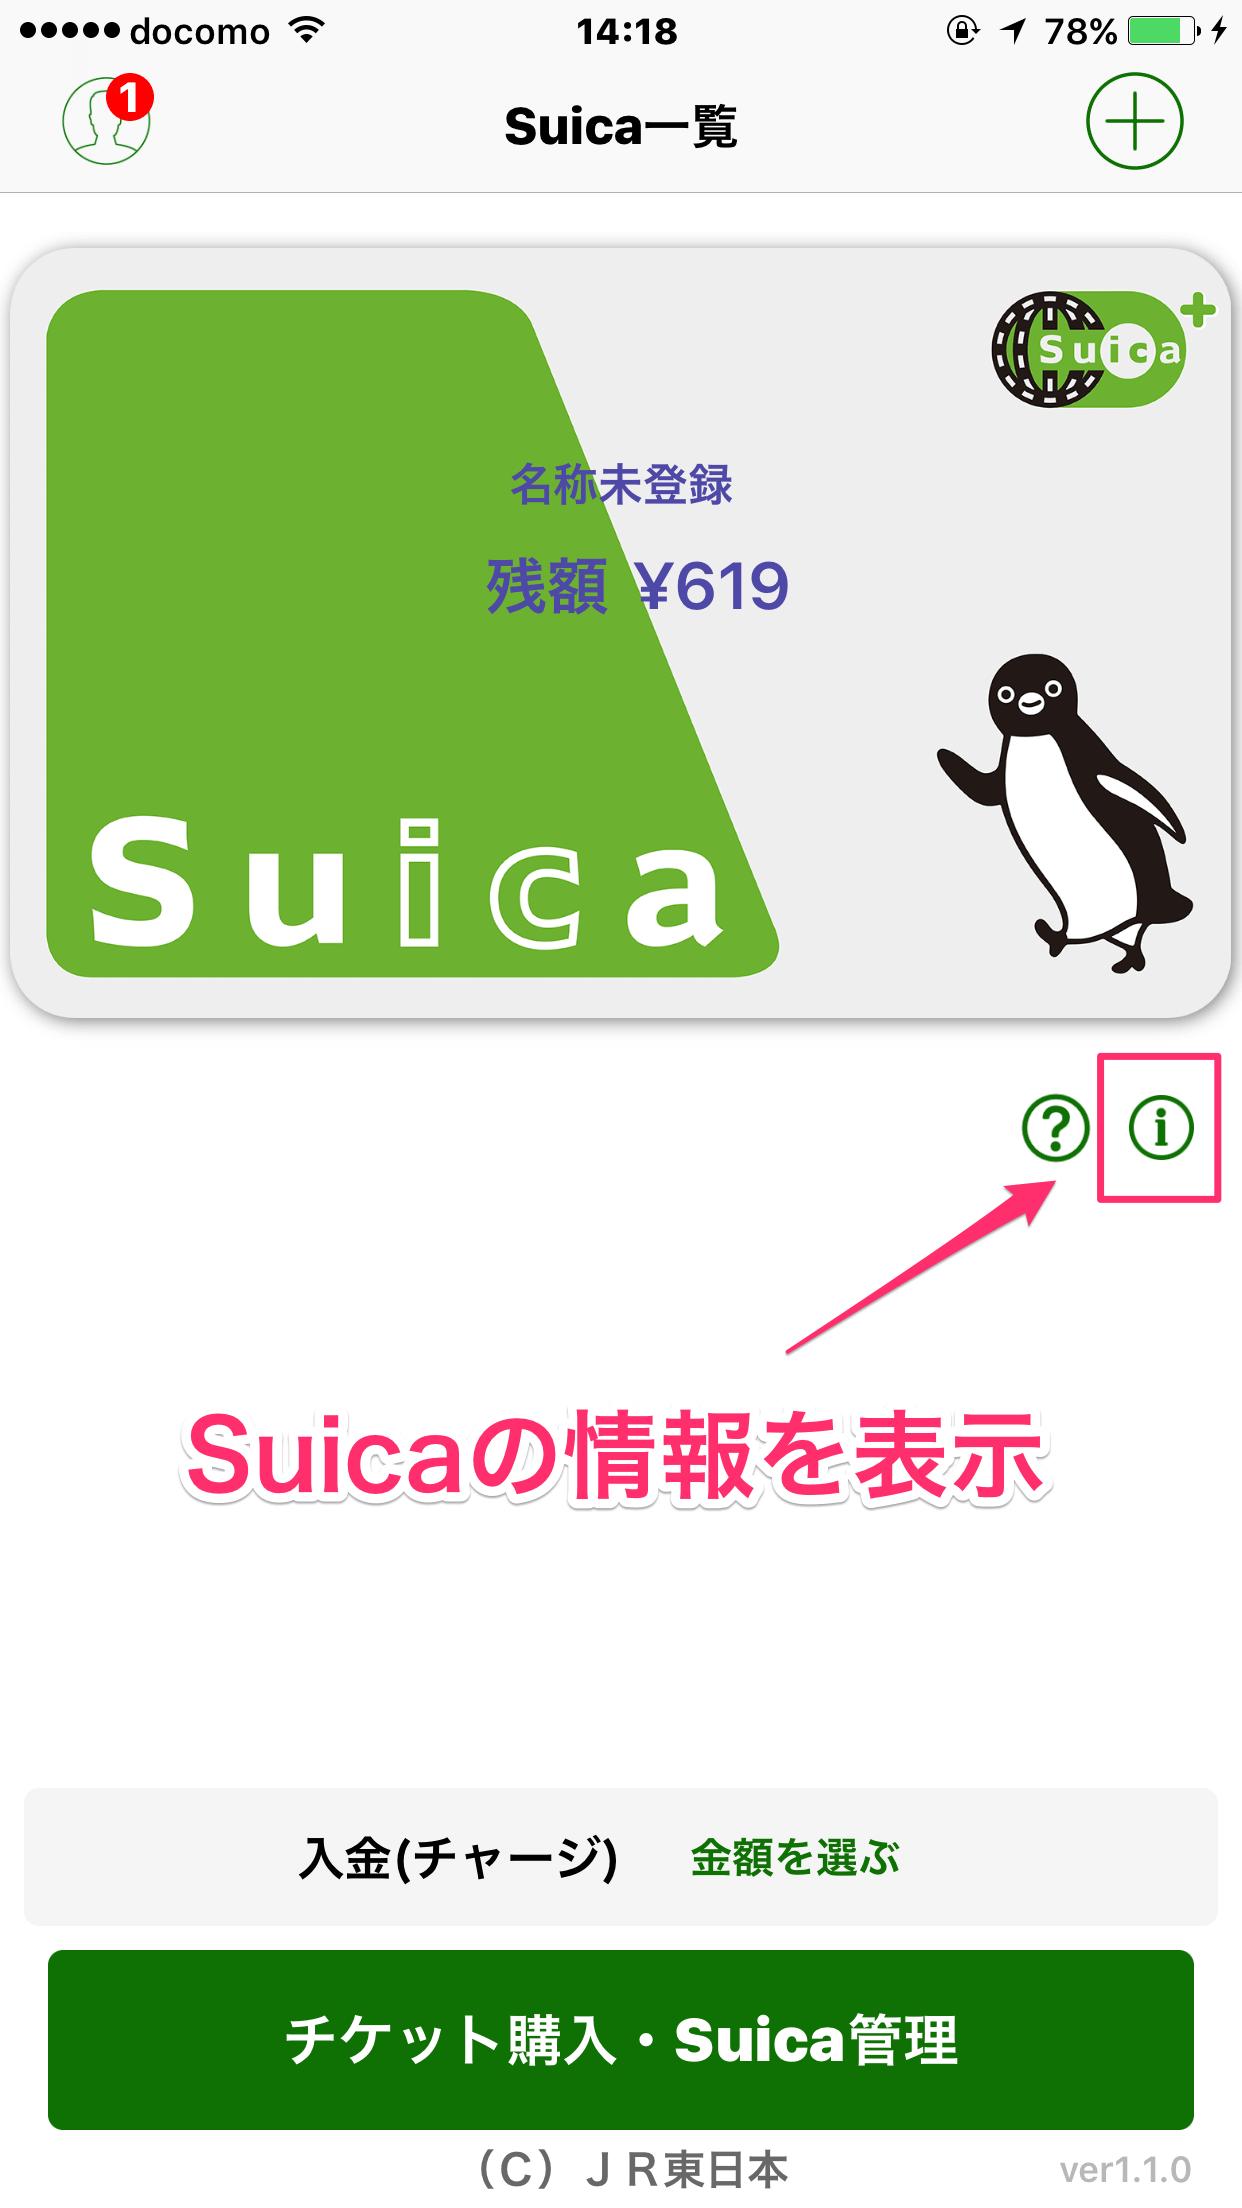 モバイル suica 定期 私鉄